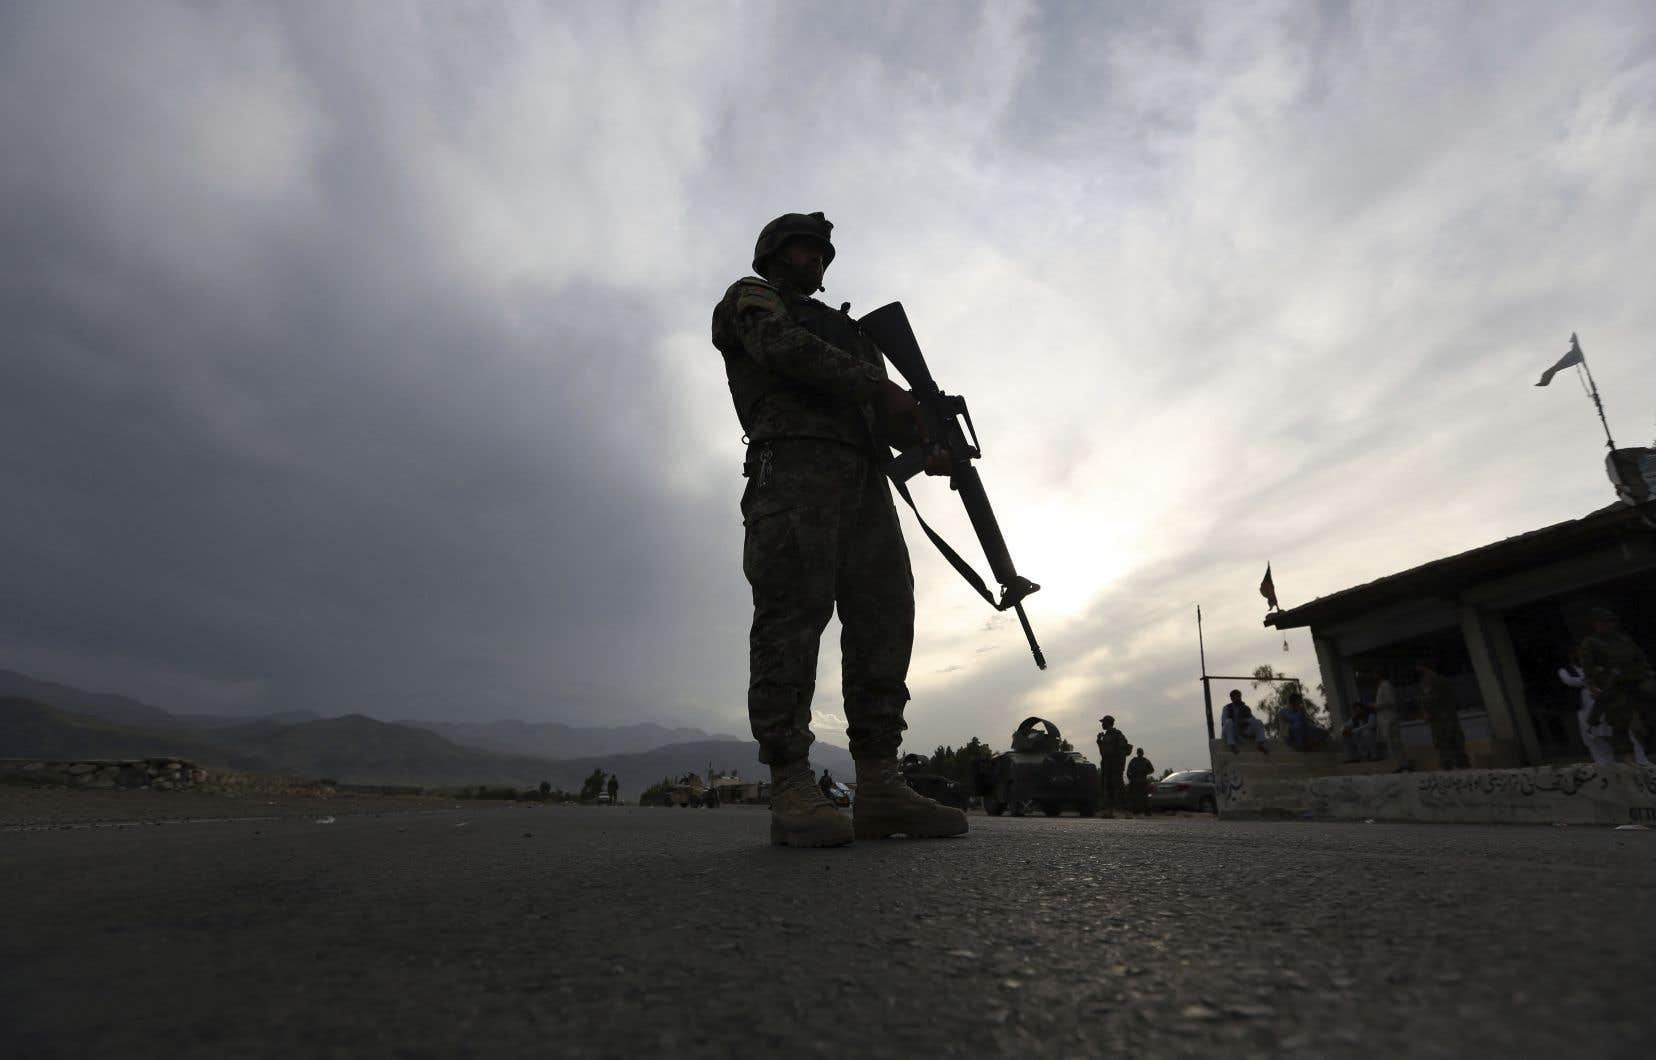 L'assaut a fait au moins trois morts et cinq blessés, selon le porte-parole du ministère de l'Intérieur.